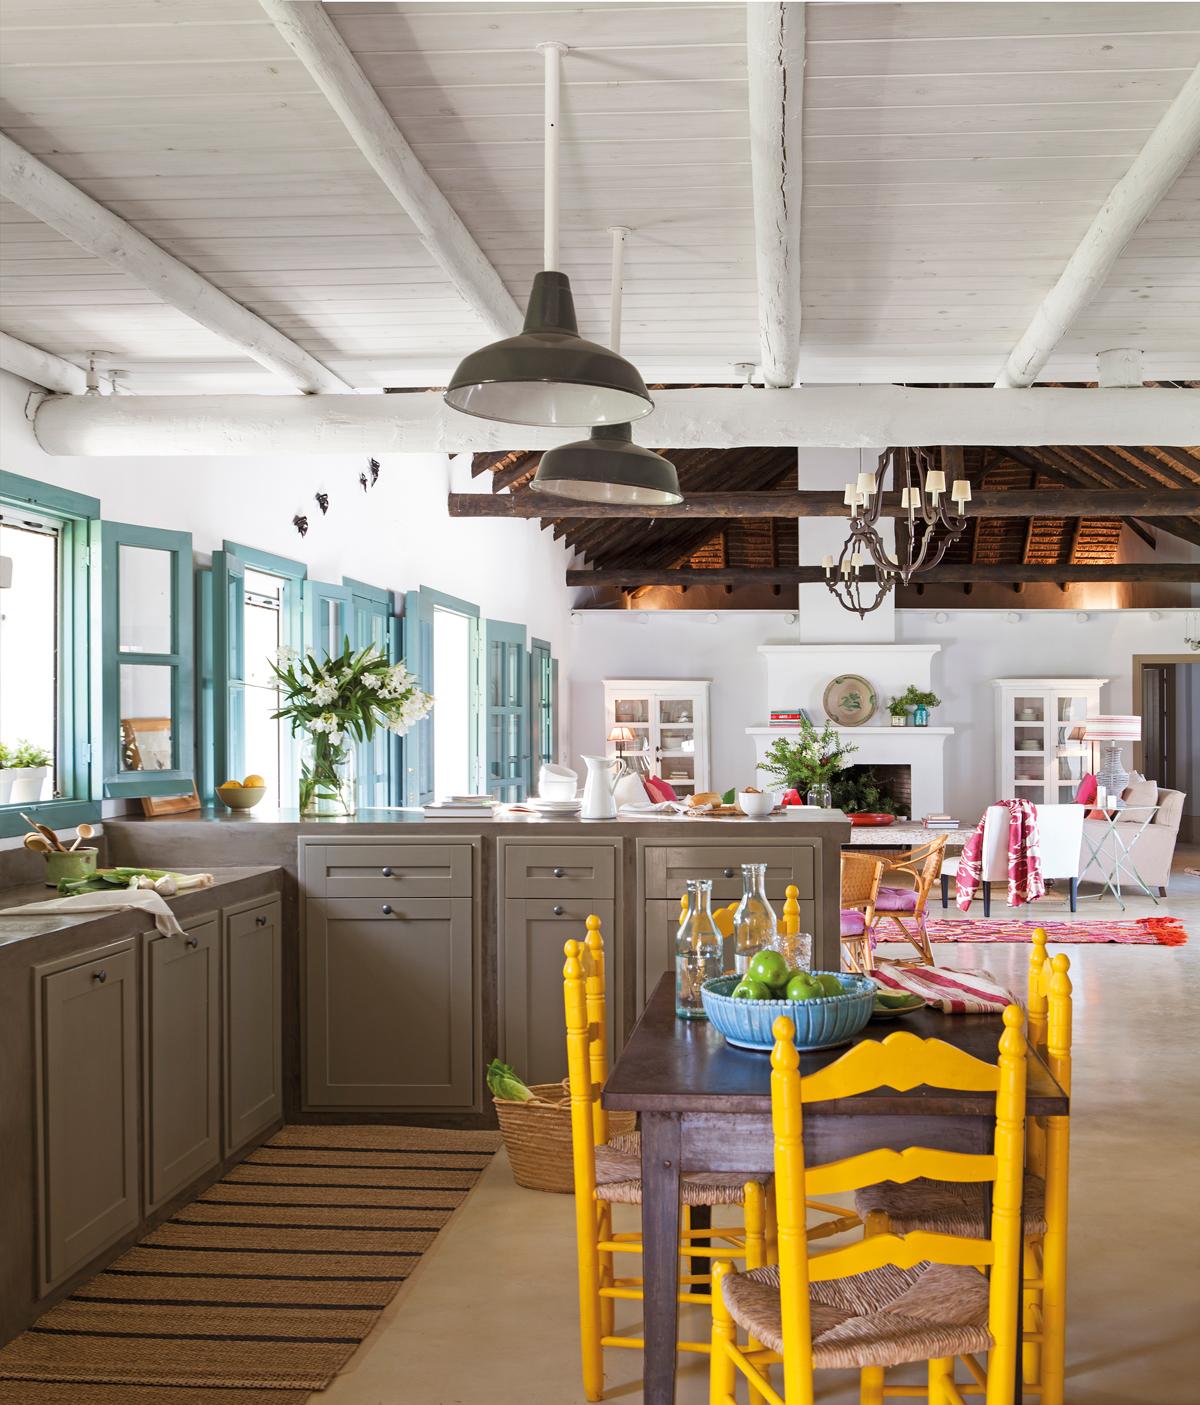 Muebles pintados: gana vida y color